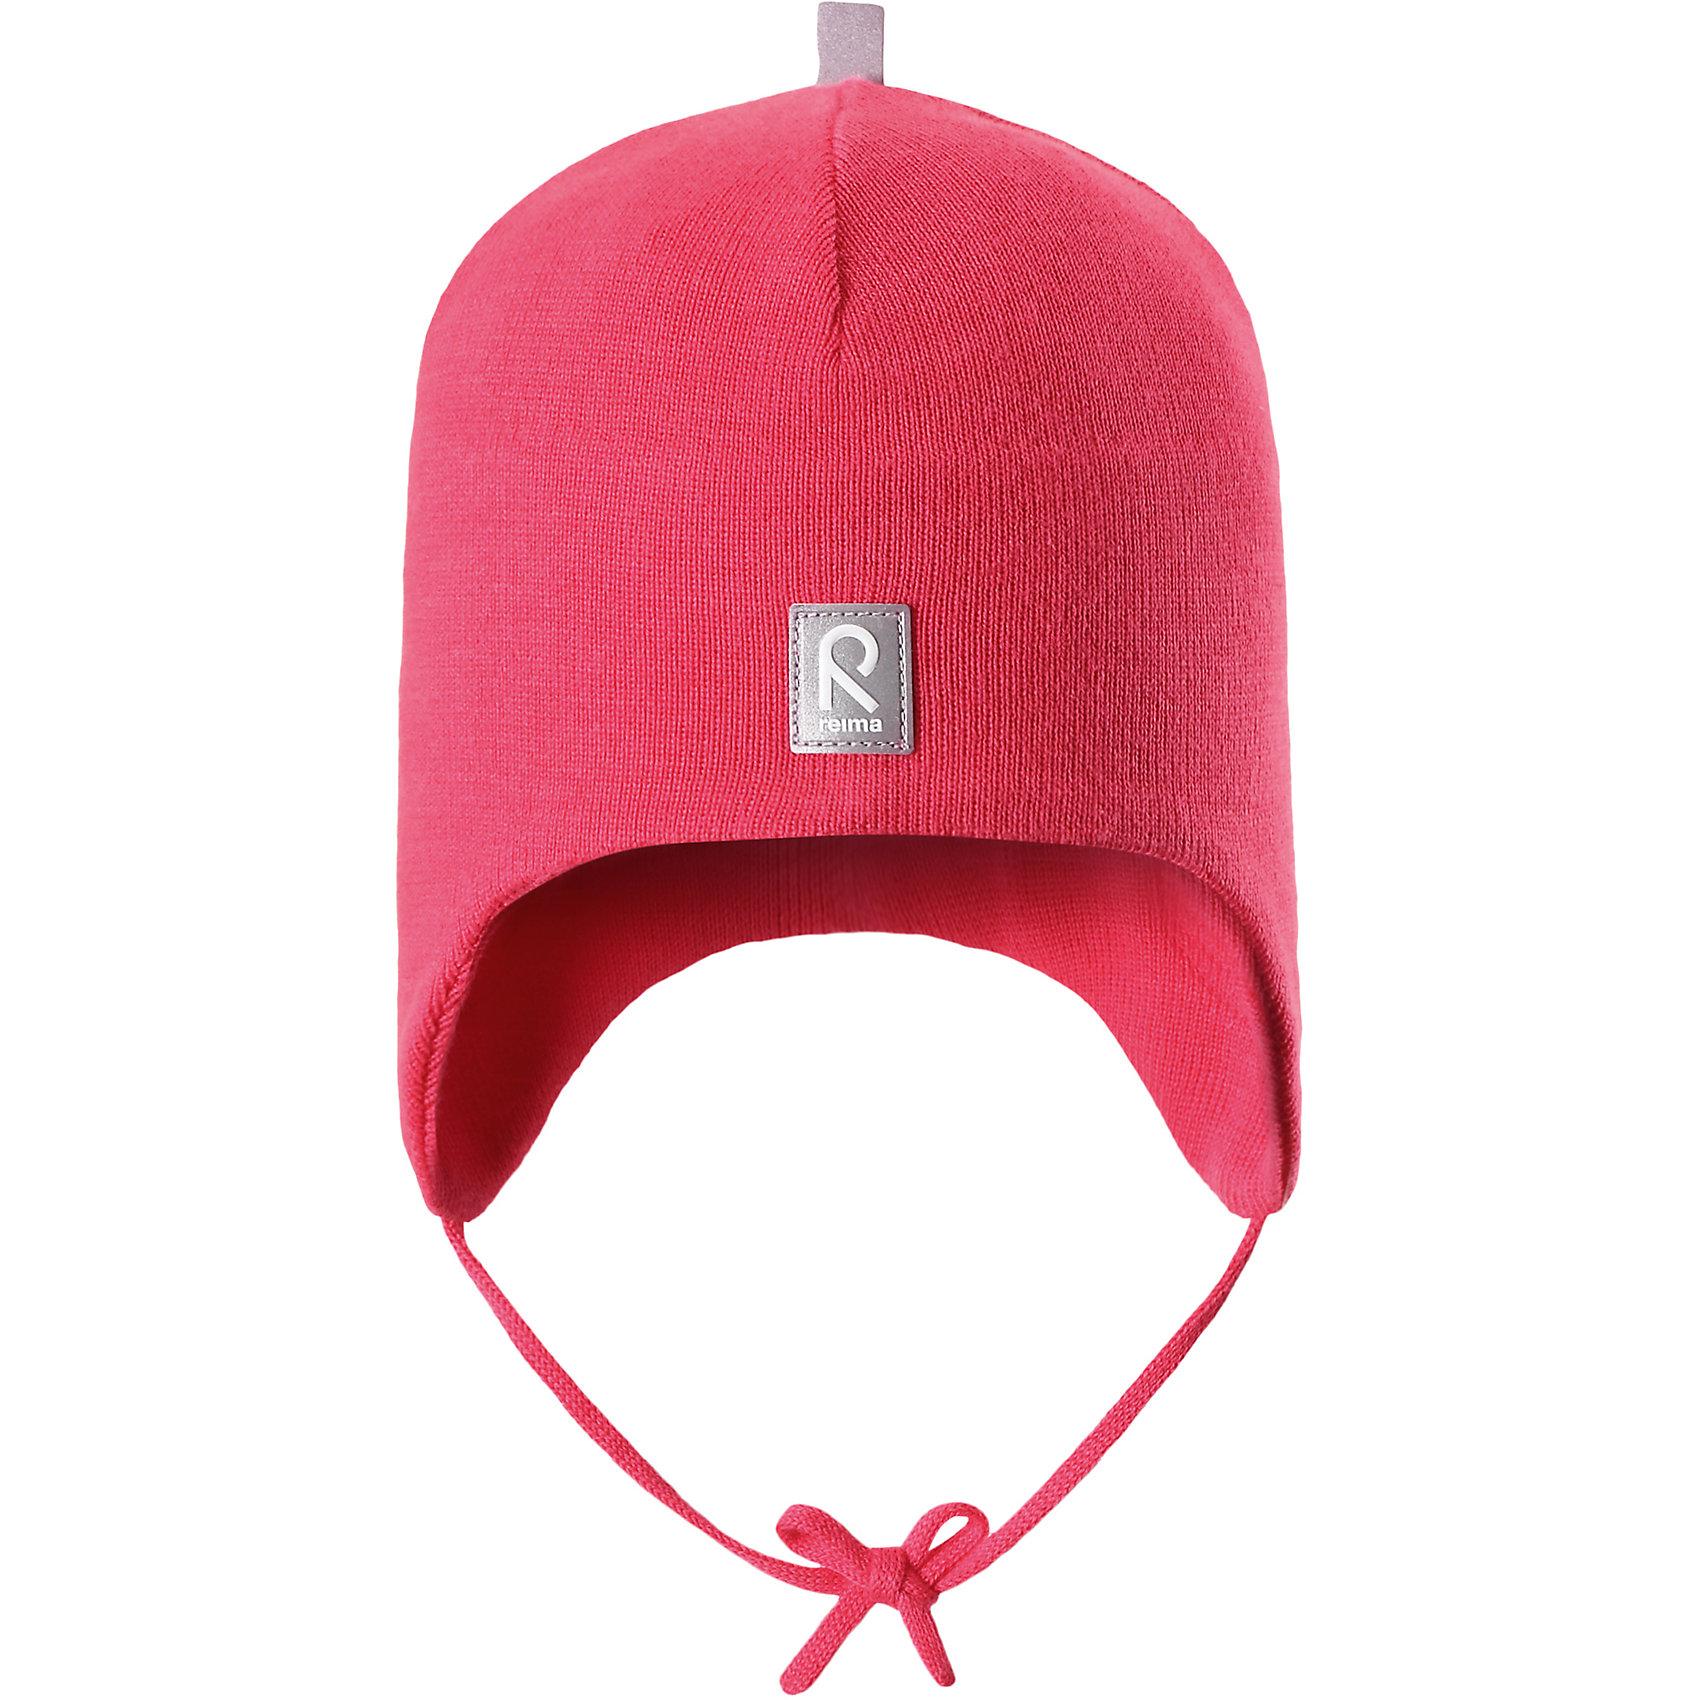 Шапка Aqueous для девочки ReimaШапки и шарфы<br>Характеристики товара:<br><br>• цвет: красный<br>• состав: 100% хлопок<br>• полуподкладка: хлопковый трикотаж<br>• температурный режим: от 0С до +10С<br>• эластичный хлопковый трикотаж<br>• инделие сертифицированно по стандарту Oeko-Tex на продукция класса 1 - одежда для новорождённых<br>• ветронепроницаемые вставки в области ушей<br>• завязки во всех размерах<br>• эмблема Reima спереди<br>• светоотражающие детали<br>• страна бренда: Финляндия<br>• страна производства: Китай<br><br>Детский головной убор может быть модным и удобным одновременно! Стильная шапка поможет обеспечить ребенку комфорт и дополнить наряд. Шапка удобно сидит и аккуратно выглядит. Проста в уходе, долго служит. Стильный дизайн разрабатывался специально для детей. Отличная защита от дождя и ветра!<br><br>Уход:<br><br>• стирать по отдельности, вывернув наизнанку<br>• придать первоначальную форму вo влажном виде<br>• возможна усадка 5 %.<br><br>Шапку от финского бренда Reima (Рейма) можно купить в нашем интернет-магазине.<br><br>Ширина мм: 89<br>Глубина мм: 117<br>Высота мм: 44<br>Вес г: 155<br>Цвет: розовый<br>Возраст от месяцев: 6<br>Возраст до месяцев: 9<br>Пол: Женский<br>Возраст: Детский<br>Размер: 46,52,48,50<br>SKU: 5271110